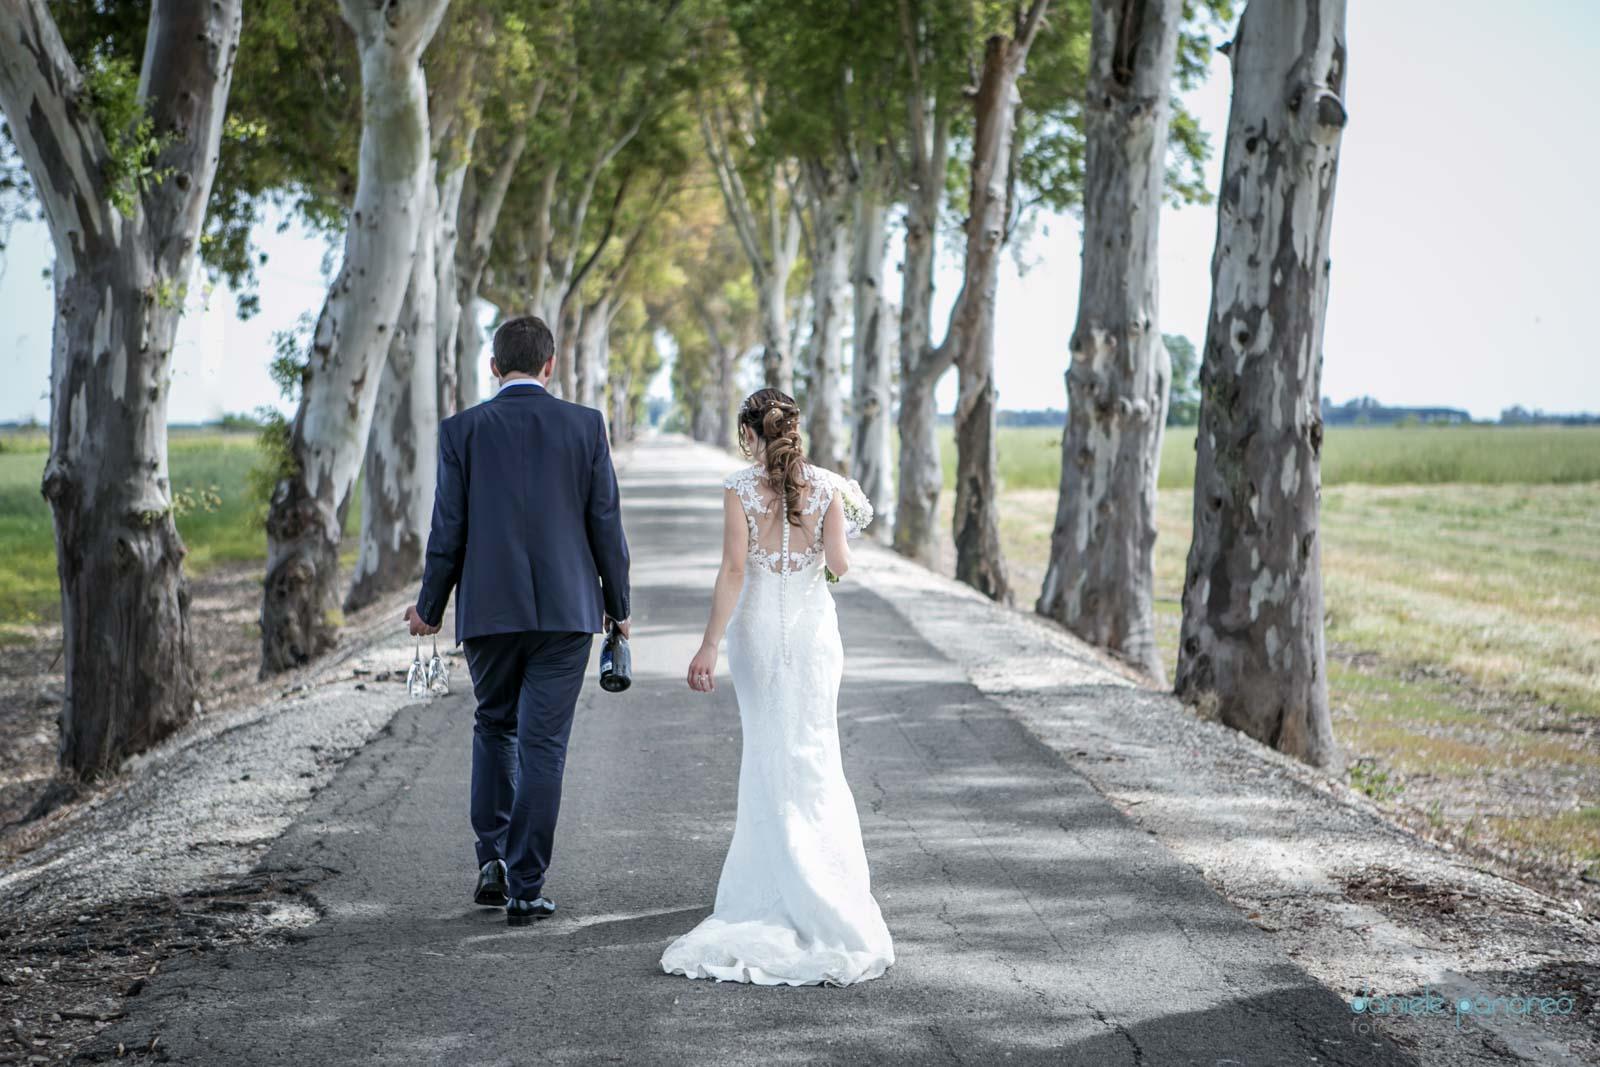 Kat&Sav 2017 - come organizzare il servizio fotografico di matrimonio - Lecce